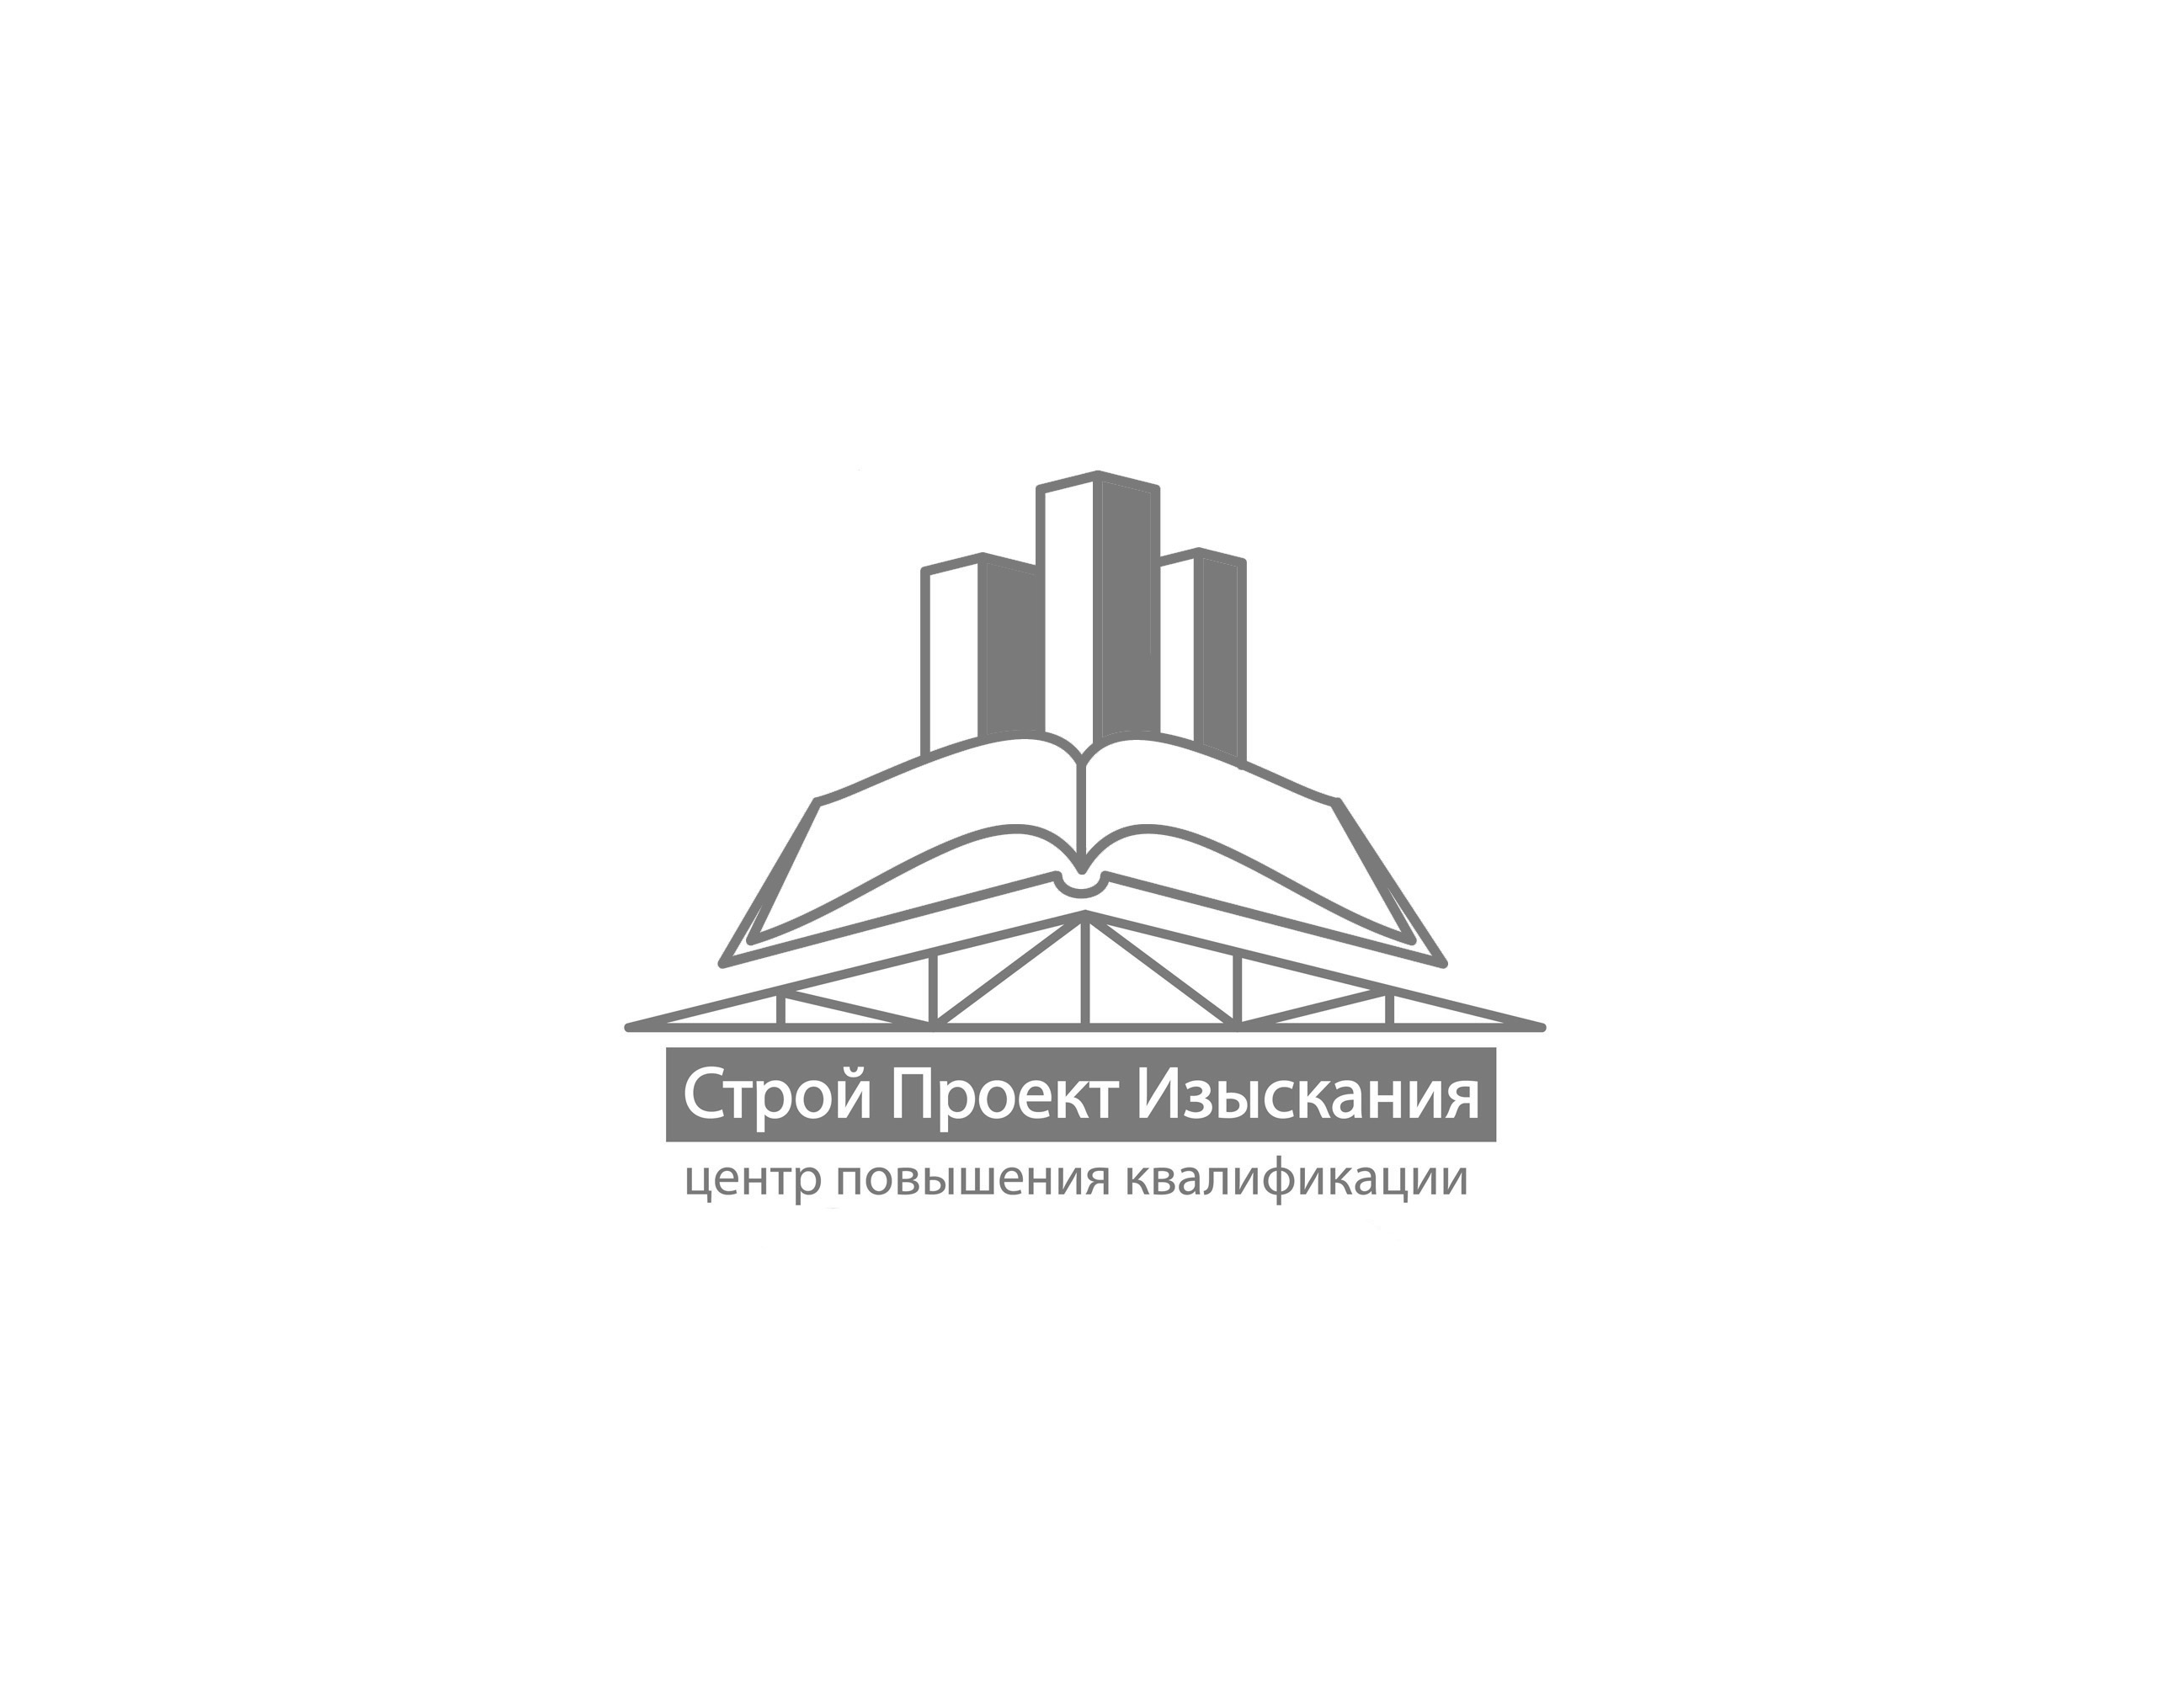 Разработка логотипа  фото f_4f33aedc4c7d7.jpg